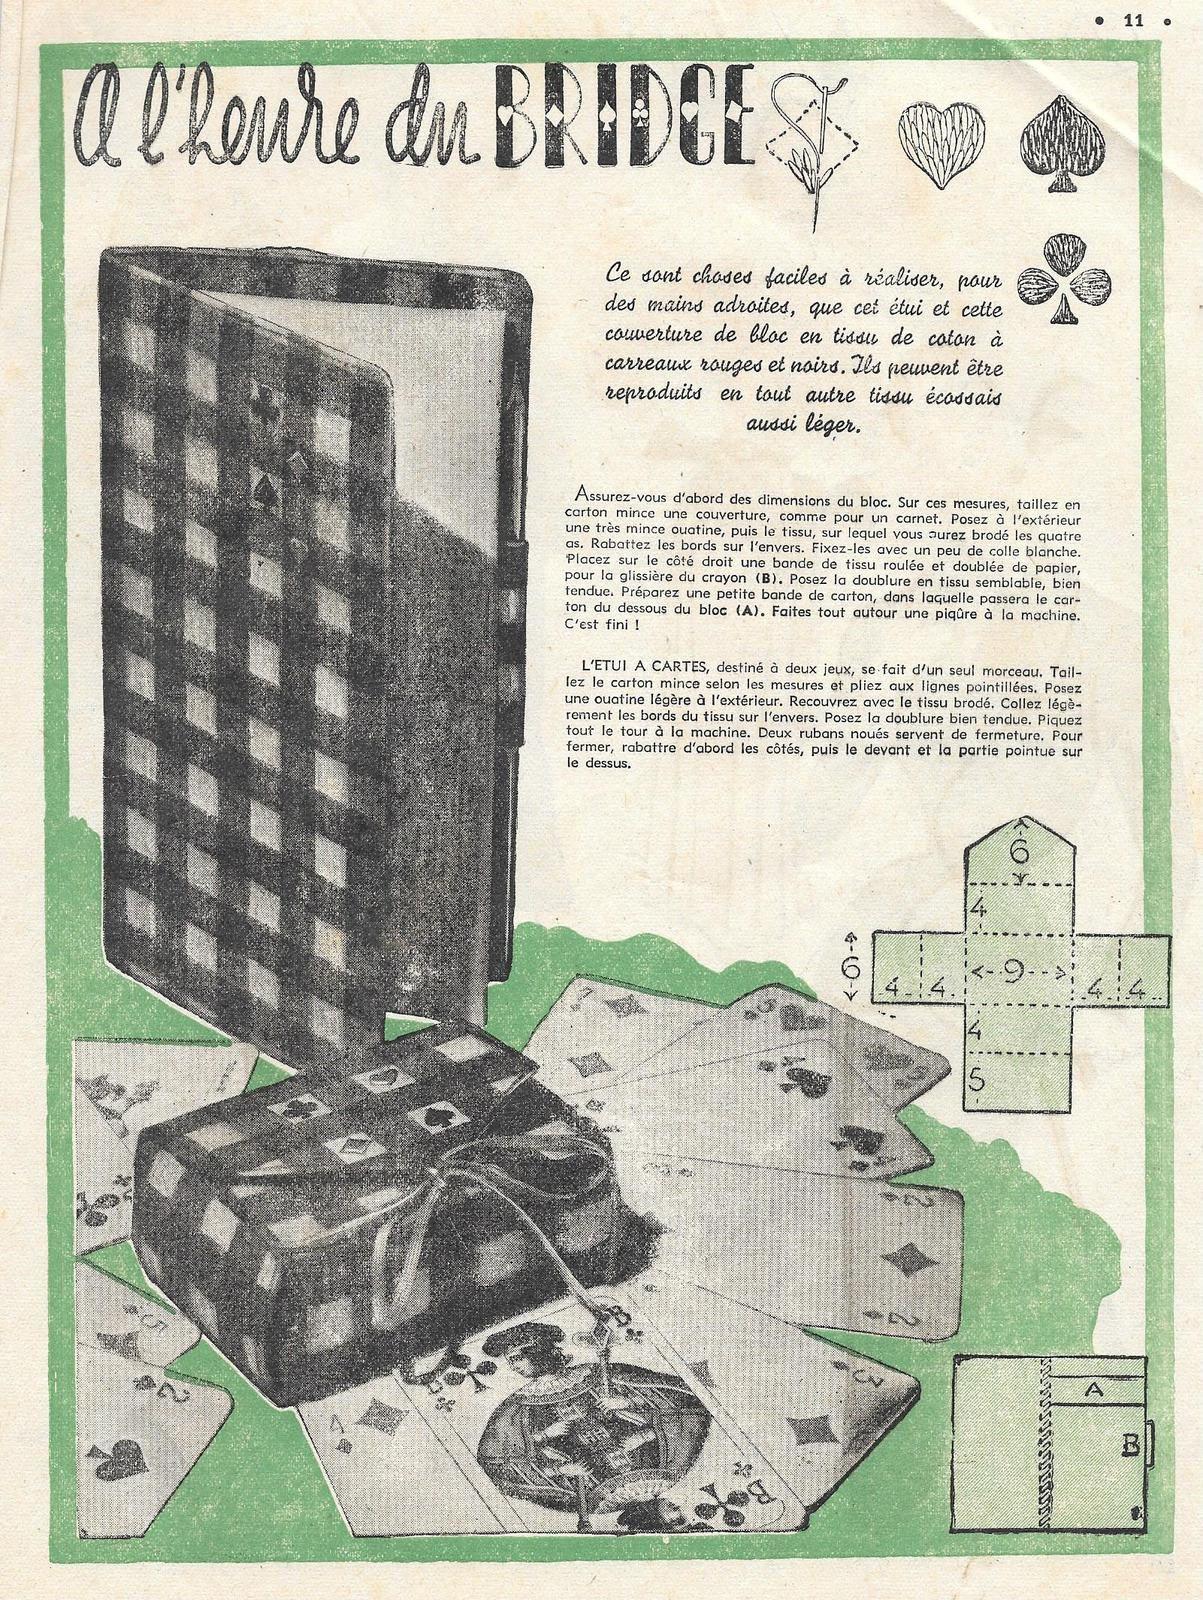 cartonnage : boite pour jeu de 58 cartes et dessus de bloc assortis